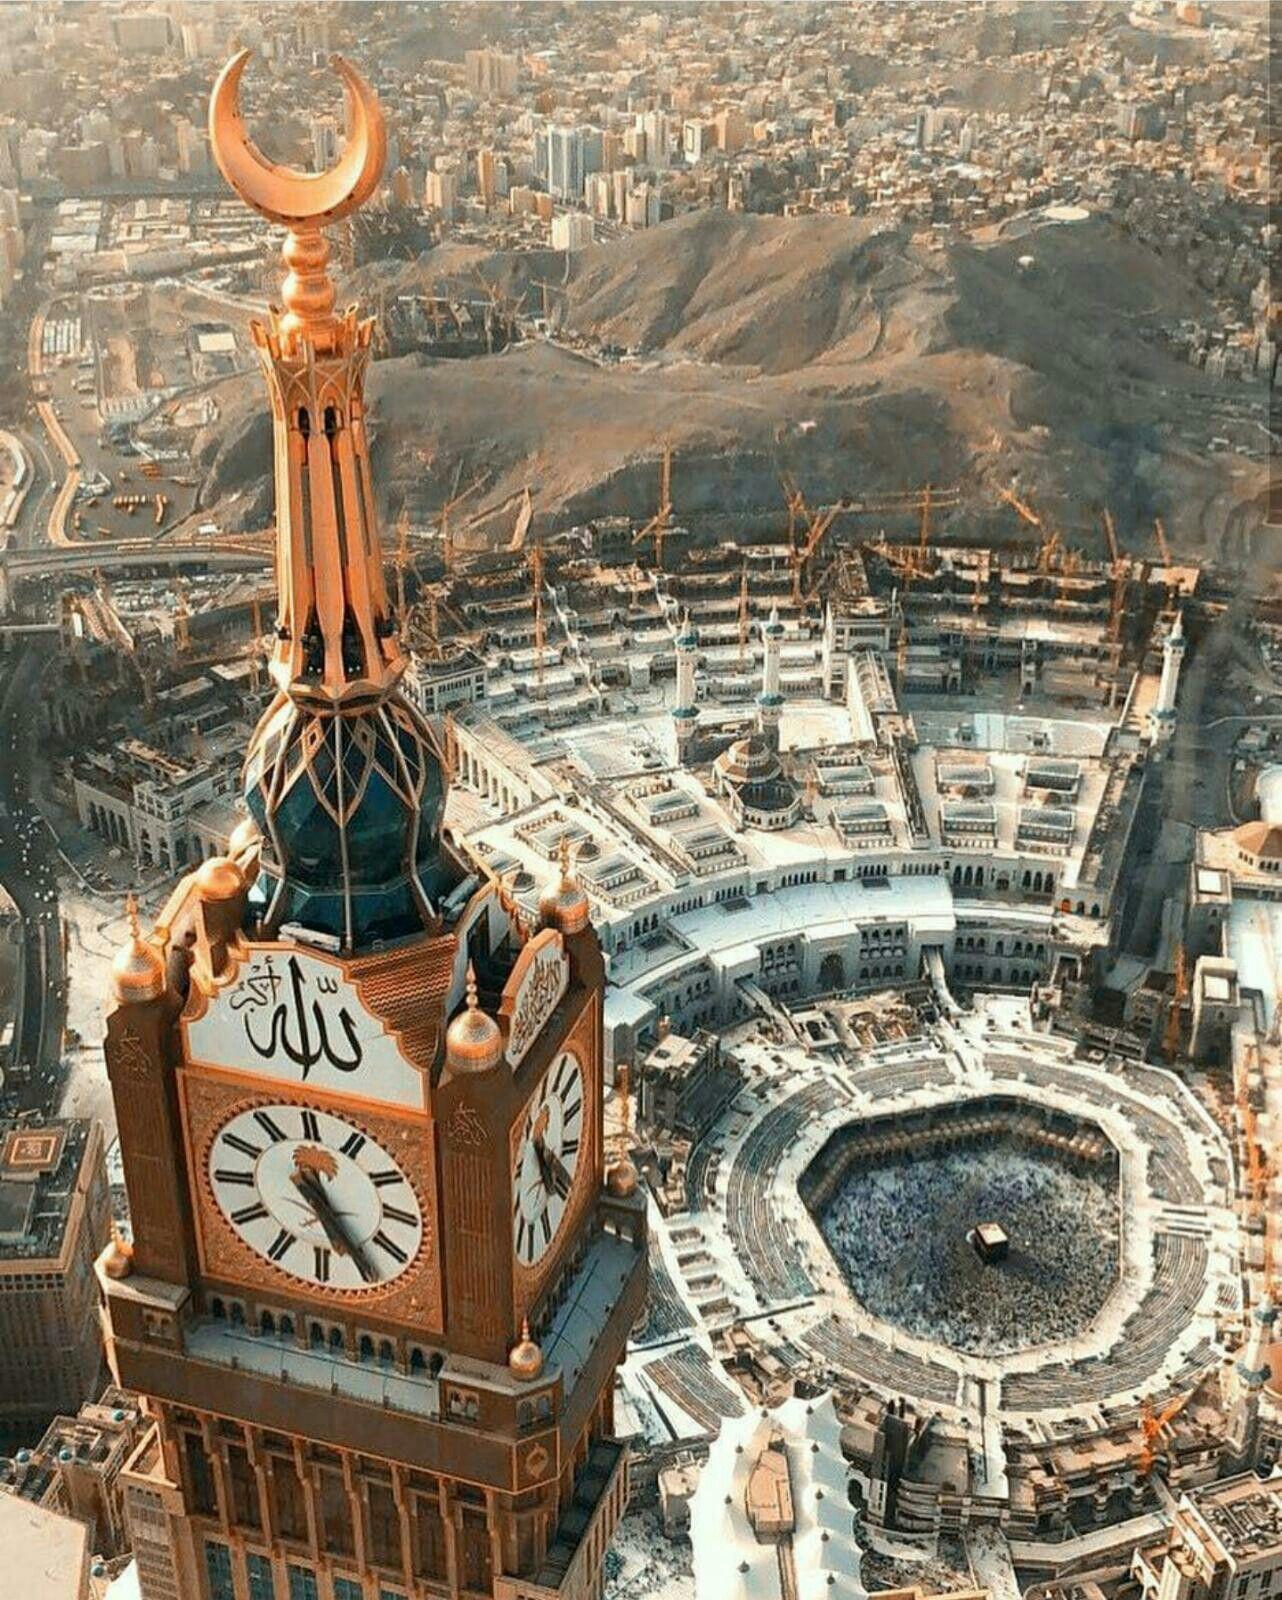 مكة المكرمة ماشاء الله لا إله إلا الله الله أكبر Mecca Wallpaper Mekkah Makkah